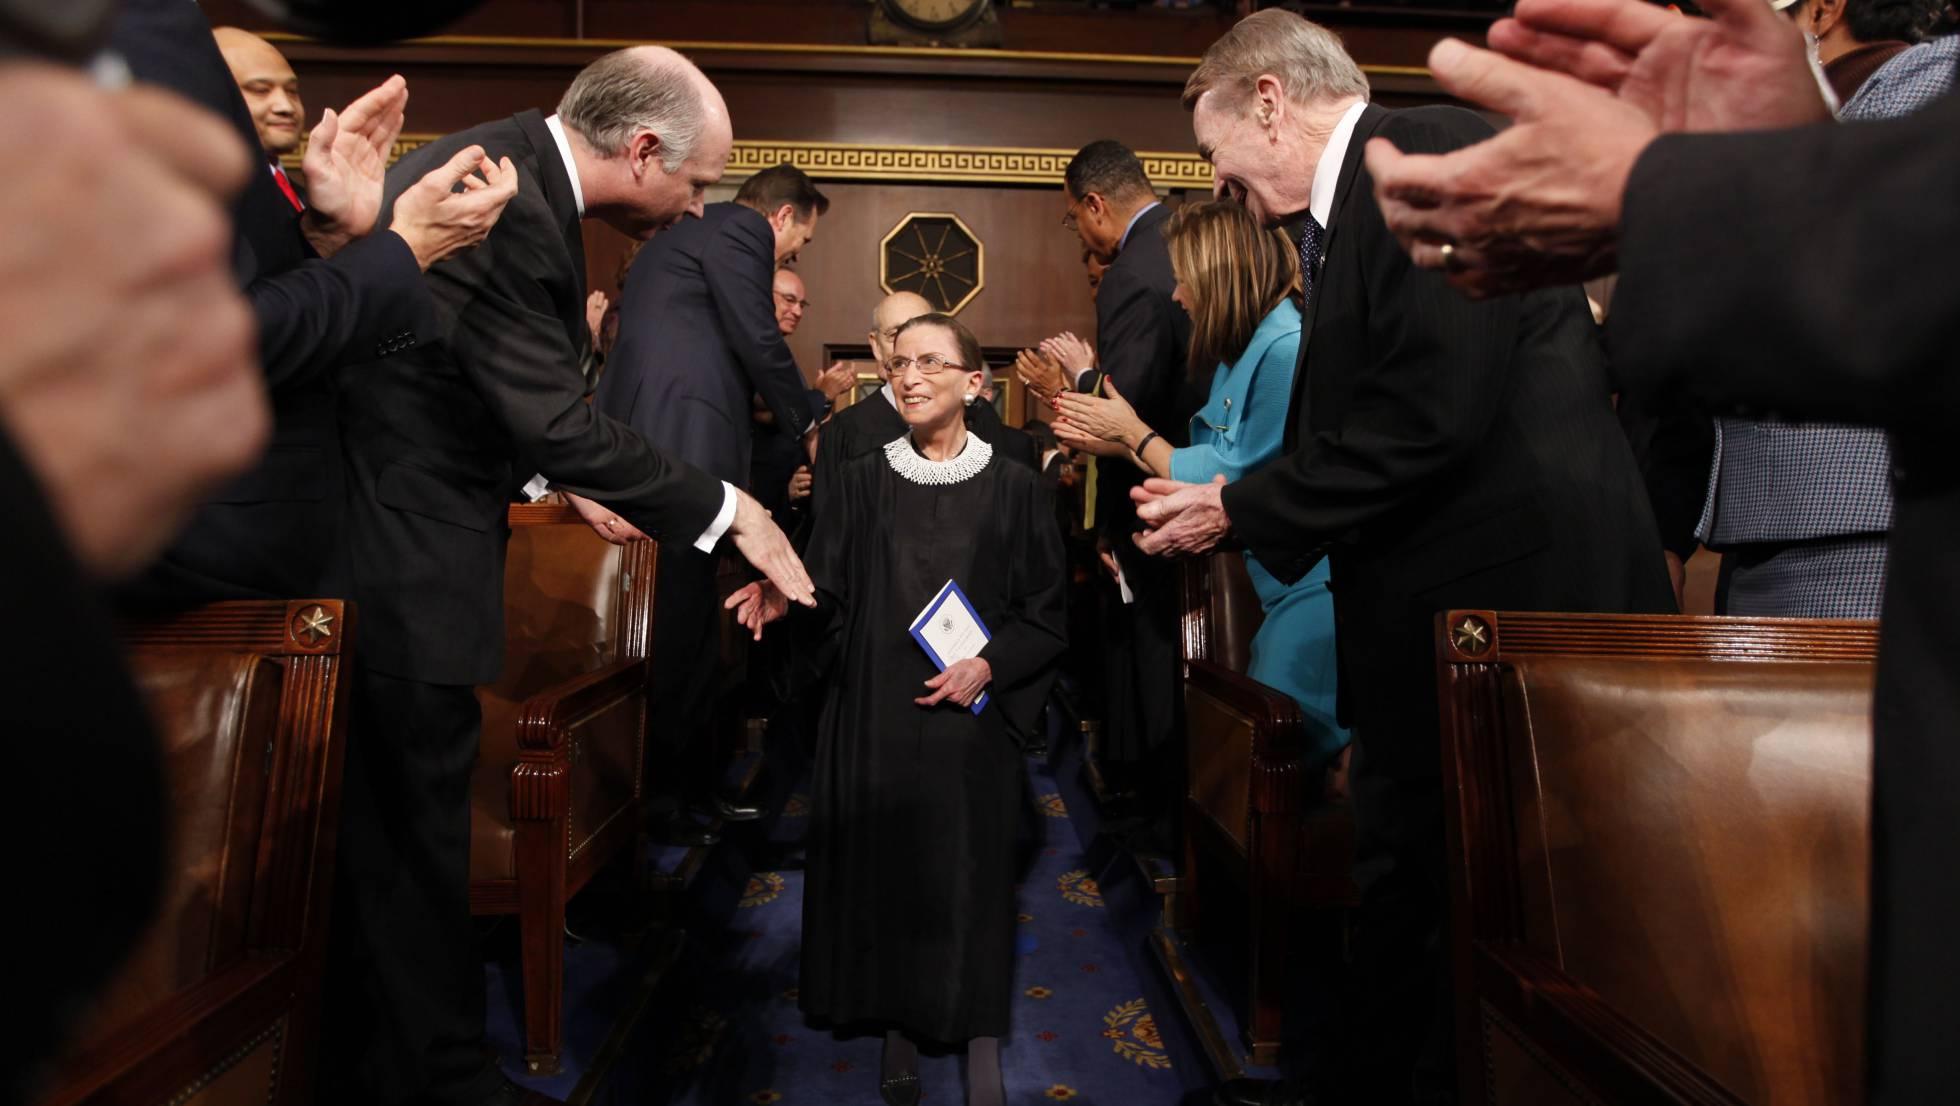 Fotos: La vida de Ruth Bader Ginsburg, en imágenes | Internacional | EL PAÍS